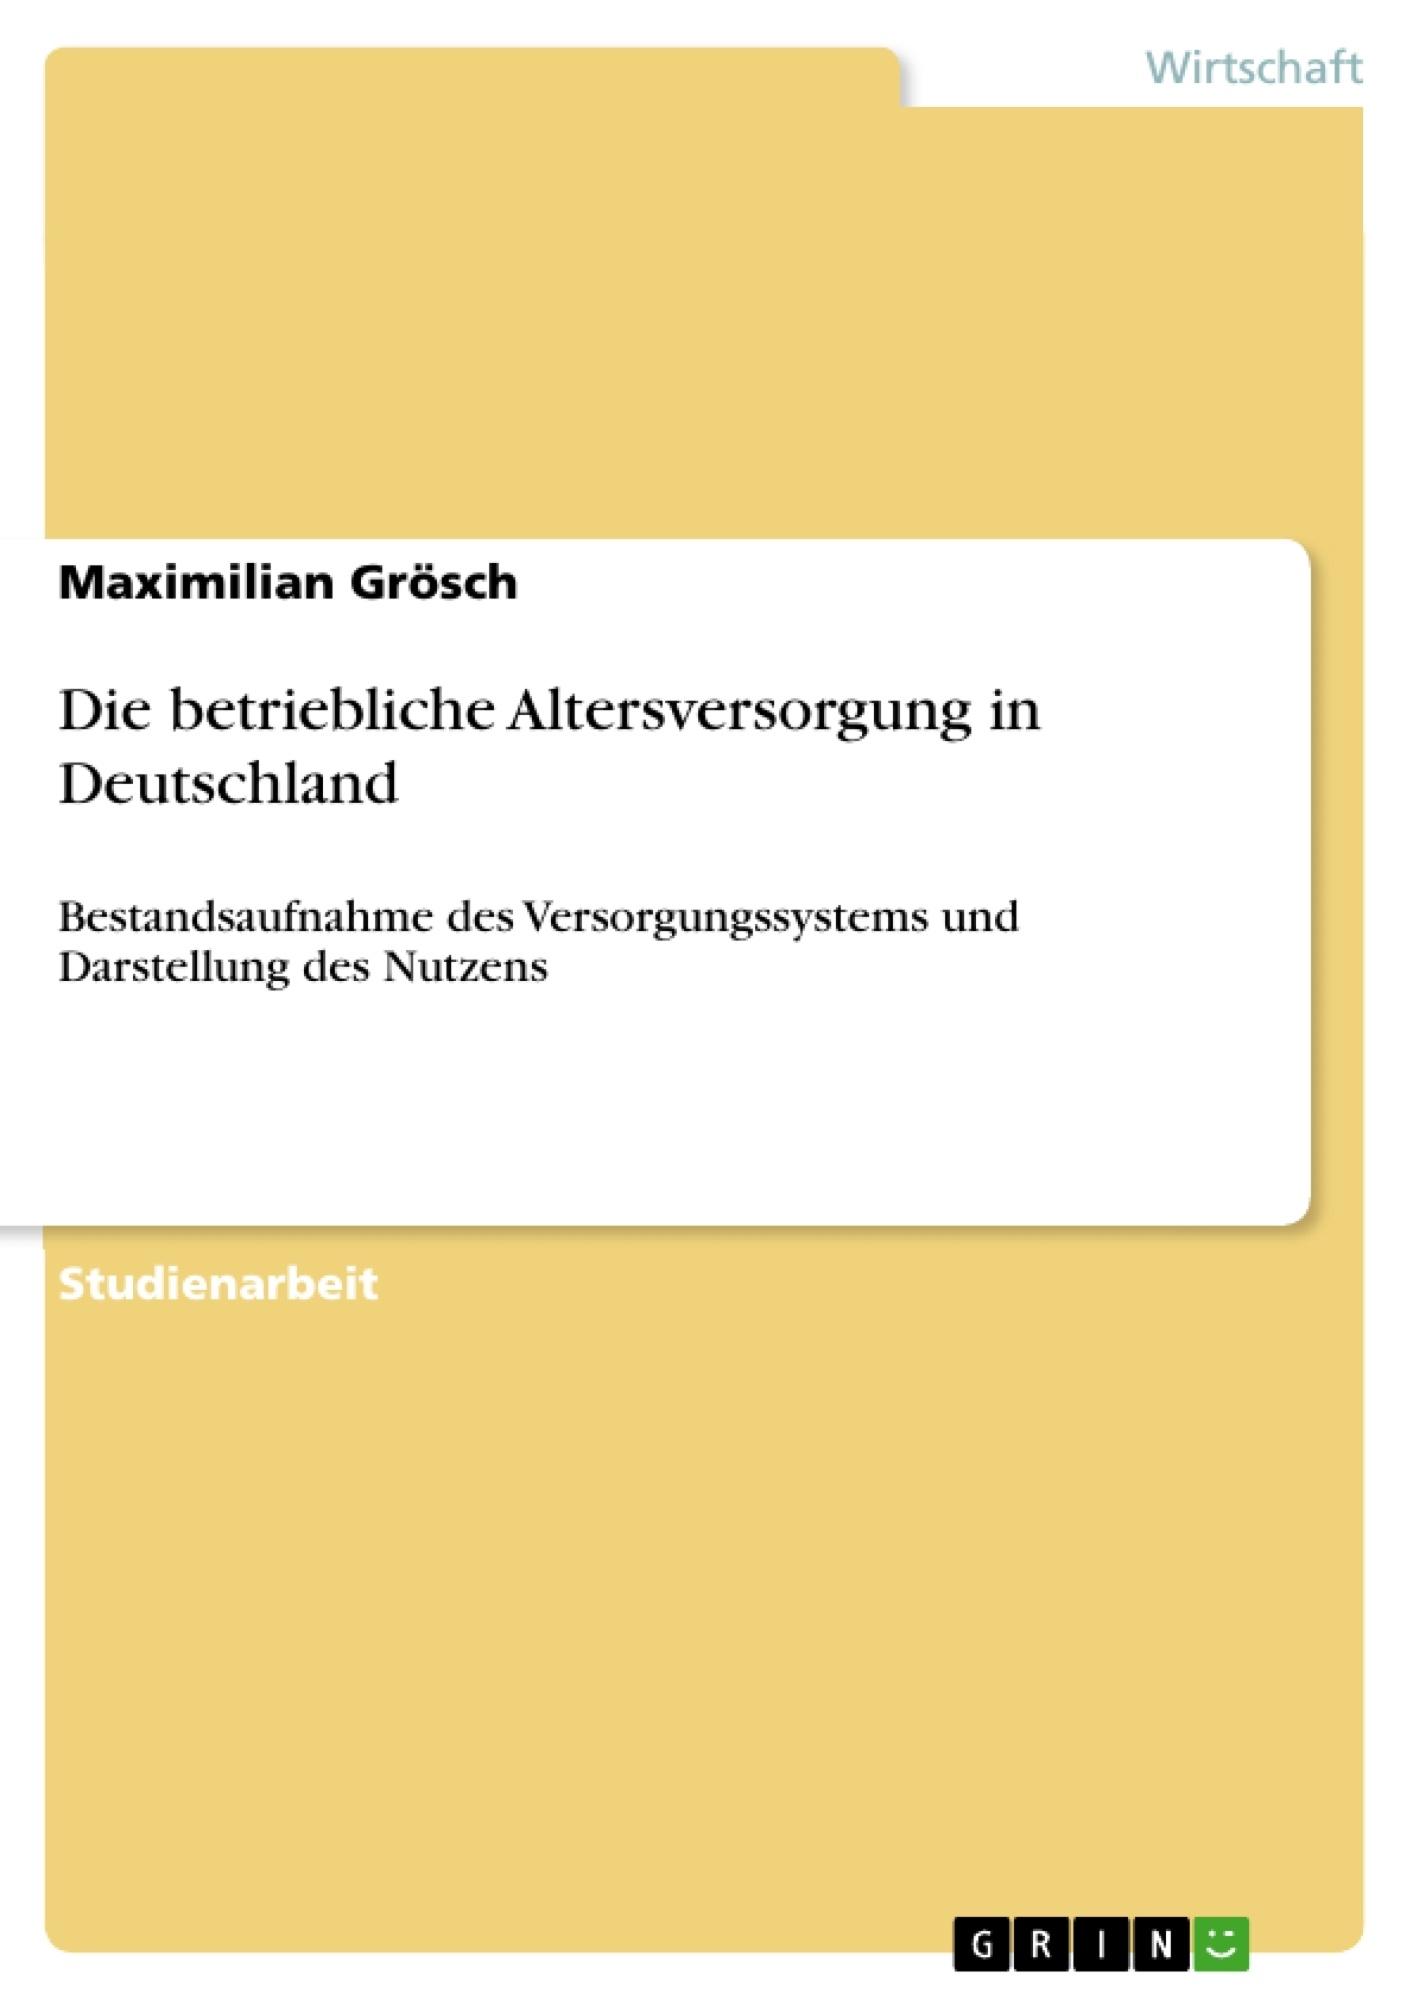 Titel: Die betriebliche Altersversorgung in Deutschland